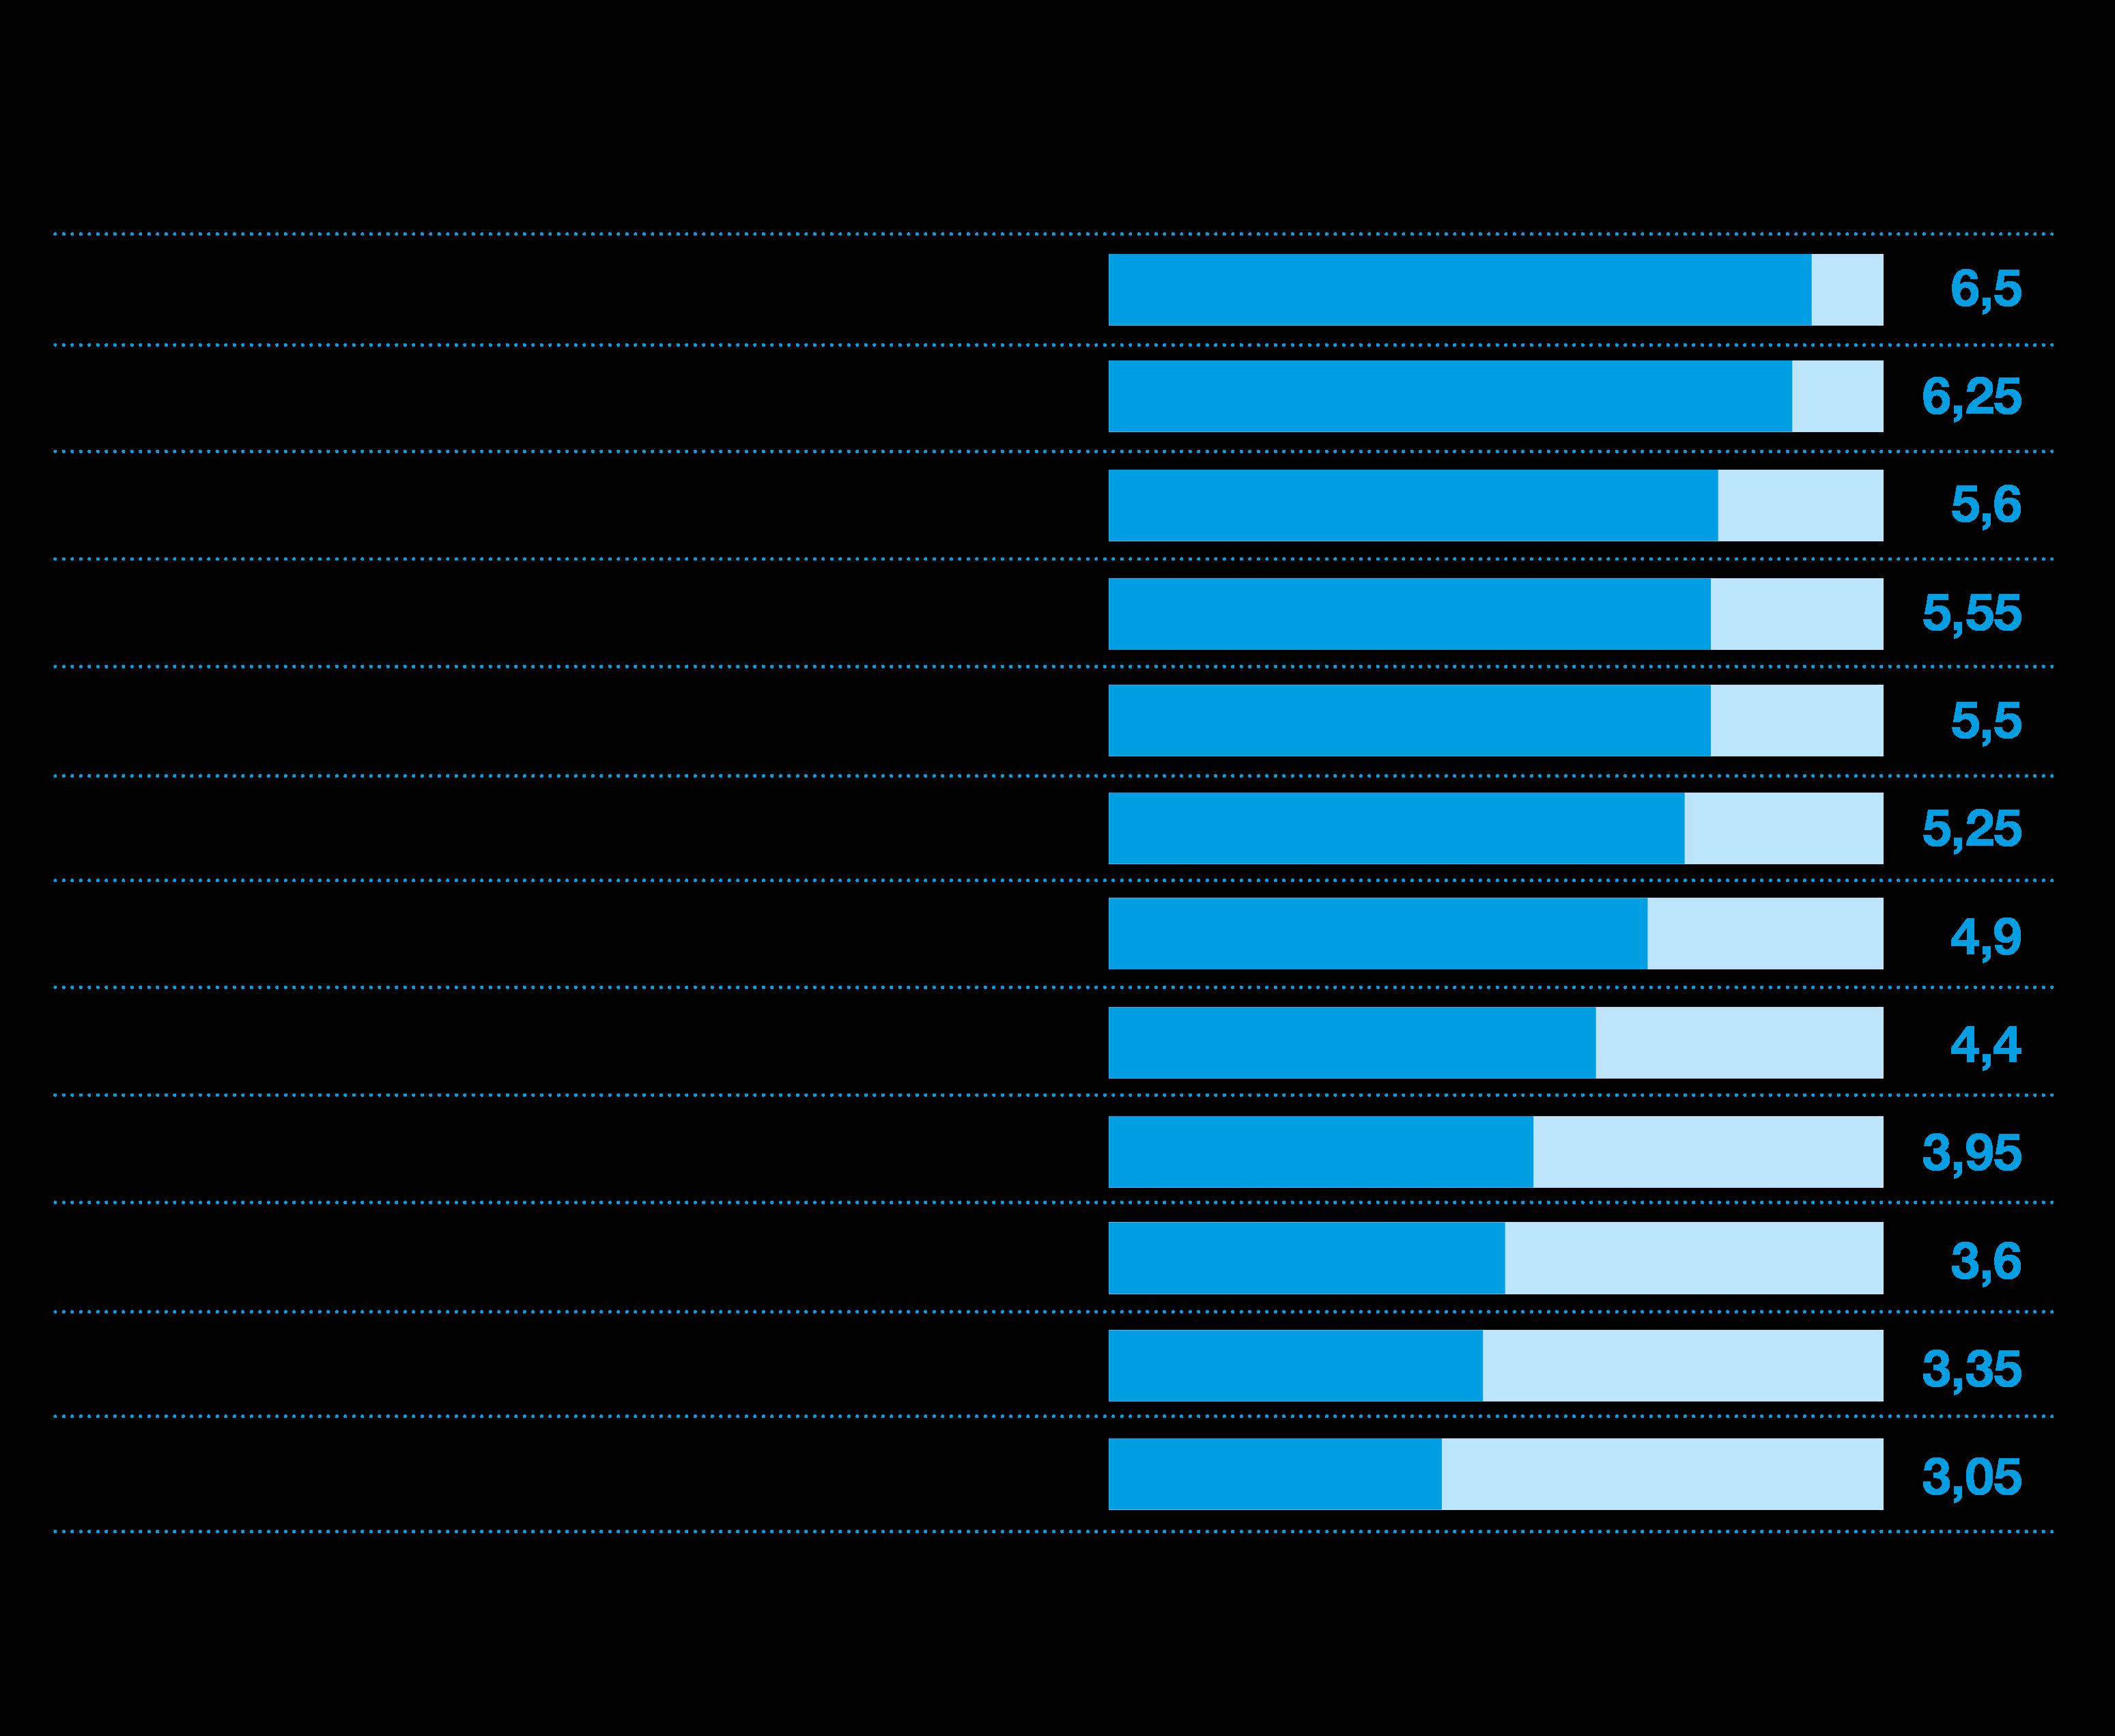 Gemiddelde EBITDA-multiple per sector 2020